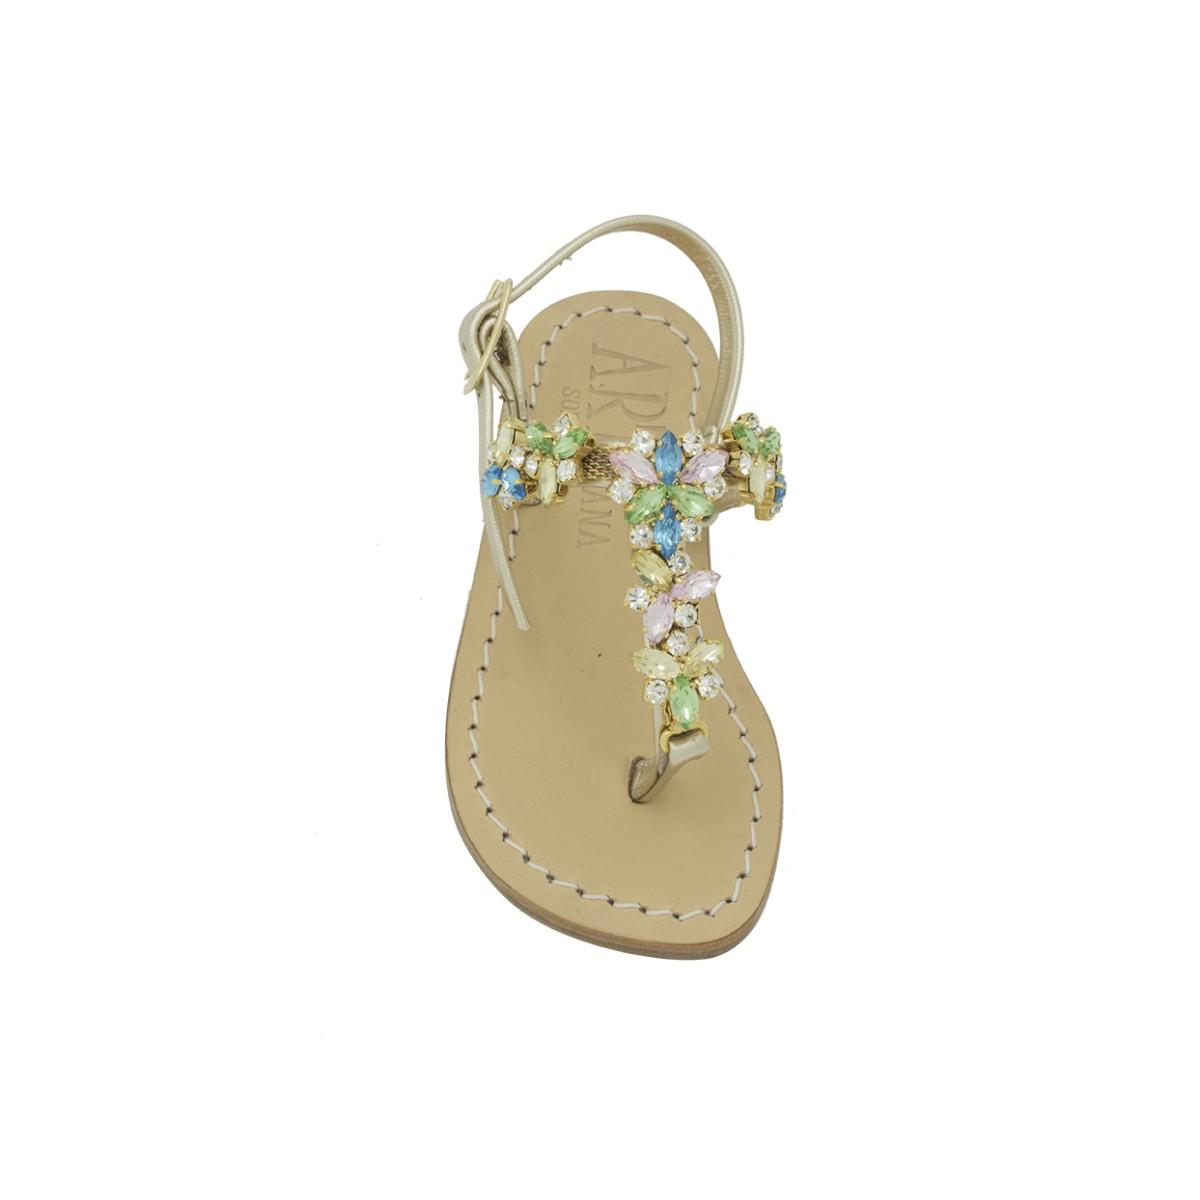 Sandali Allegra per bambina con pietre multicolore. Loading zoom 161b6966ca7